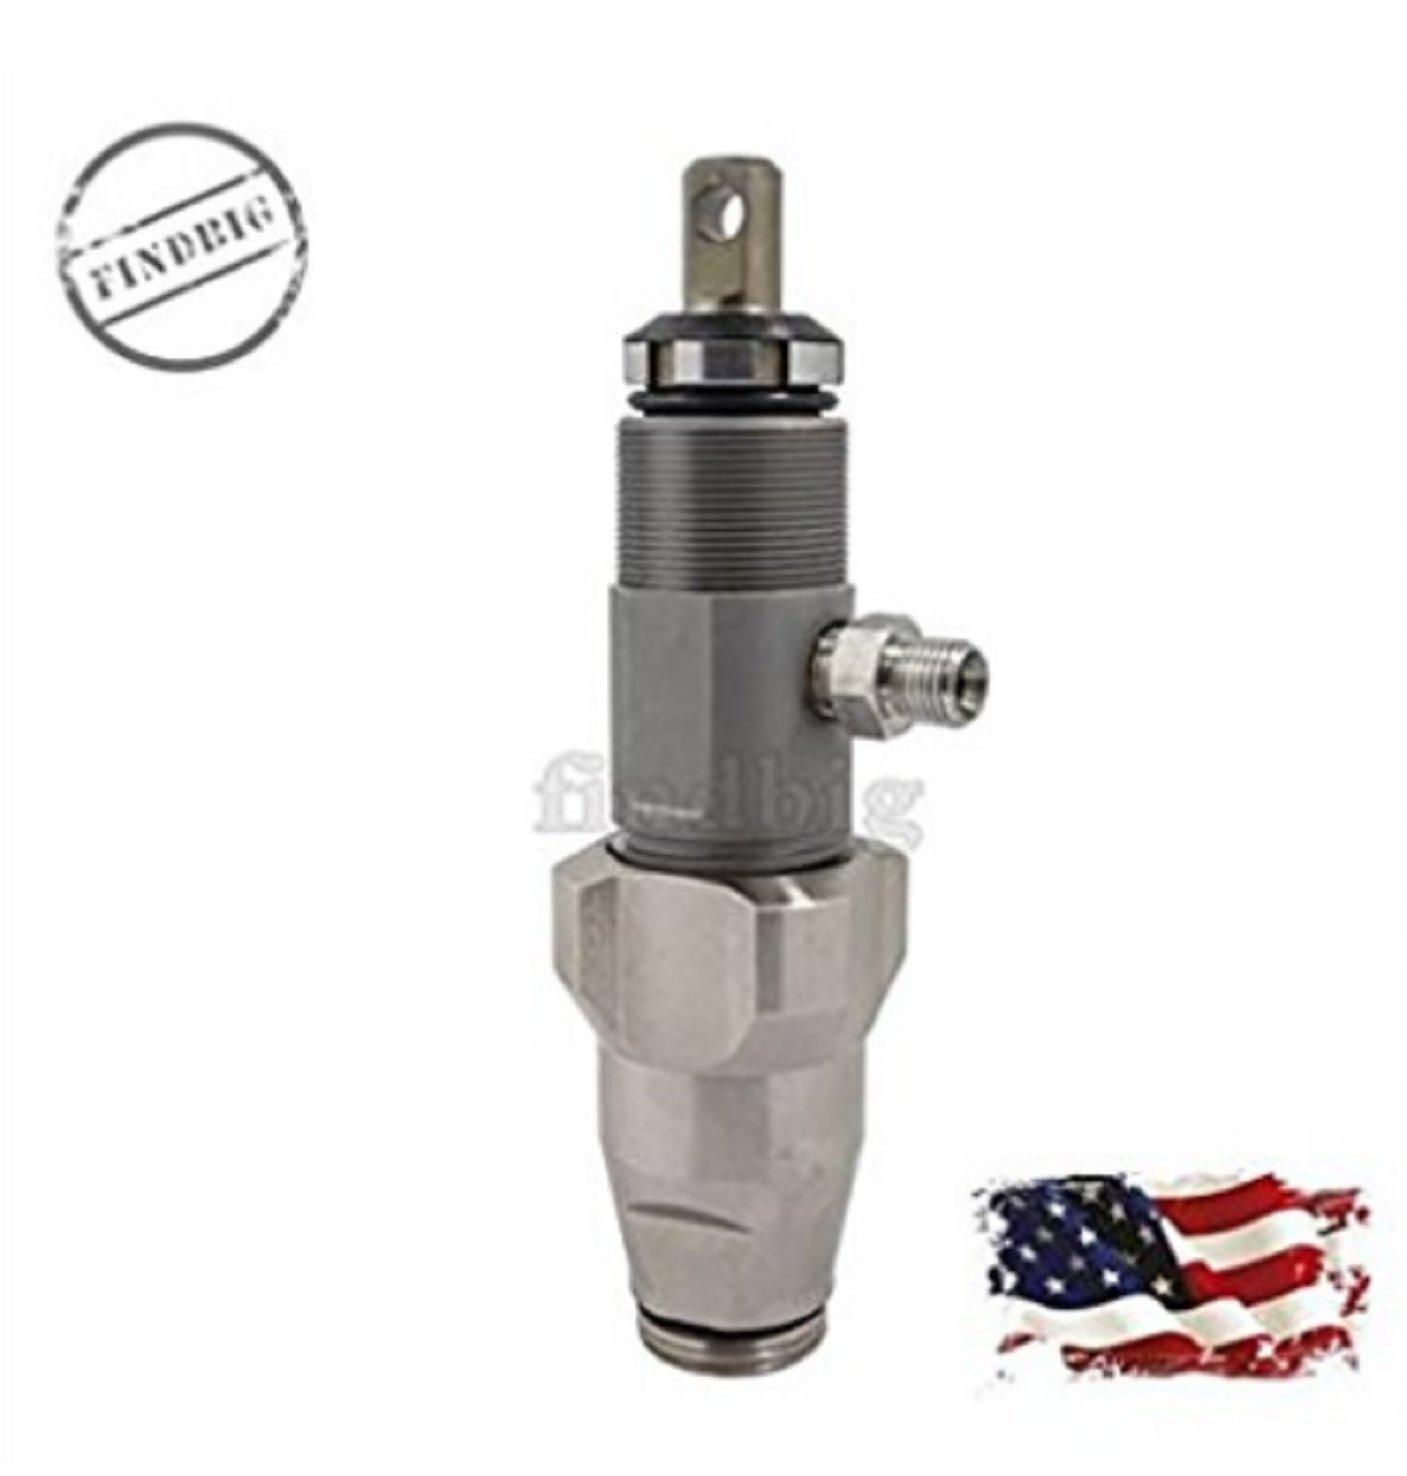 USA Premium Store Replacement Airless Spray Pump For Airless Paint Sprayer 390 395 490 495 595 by USA Premium Store